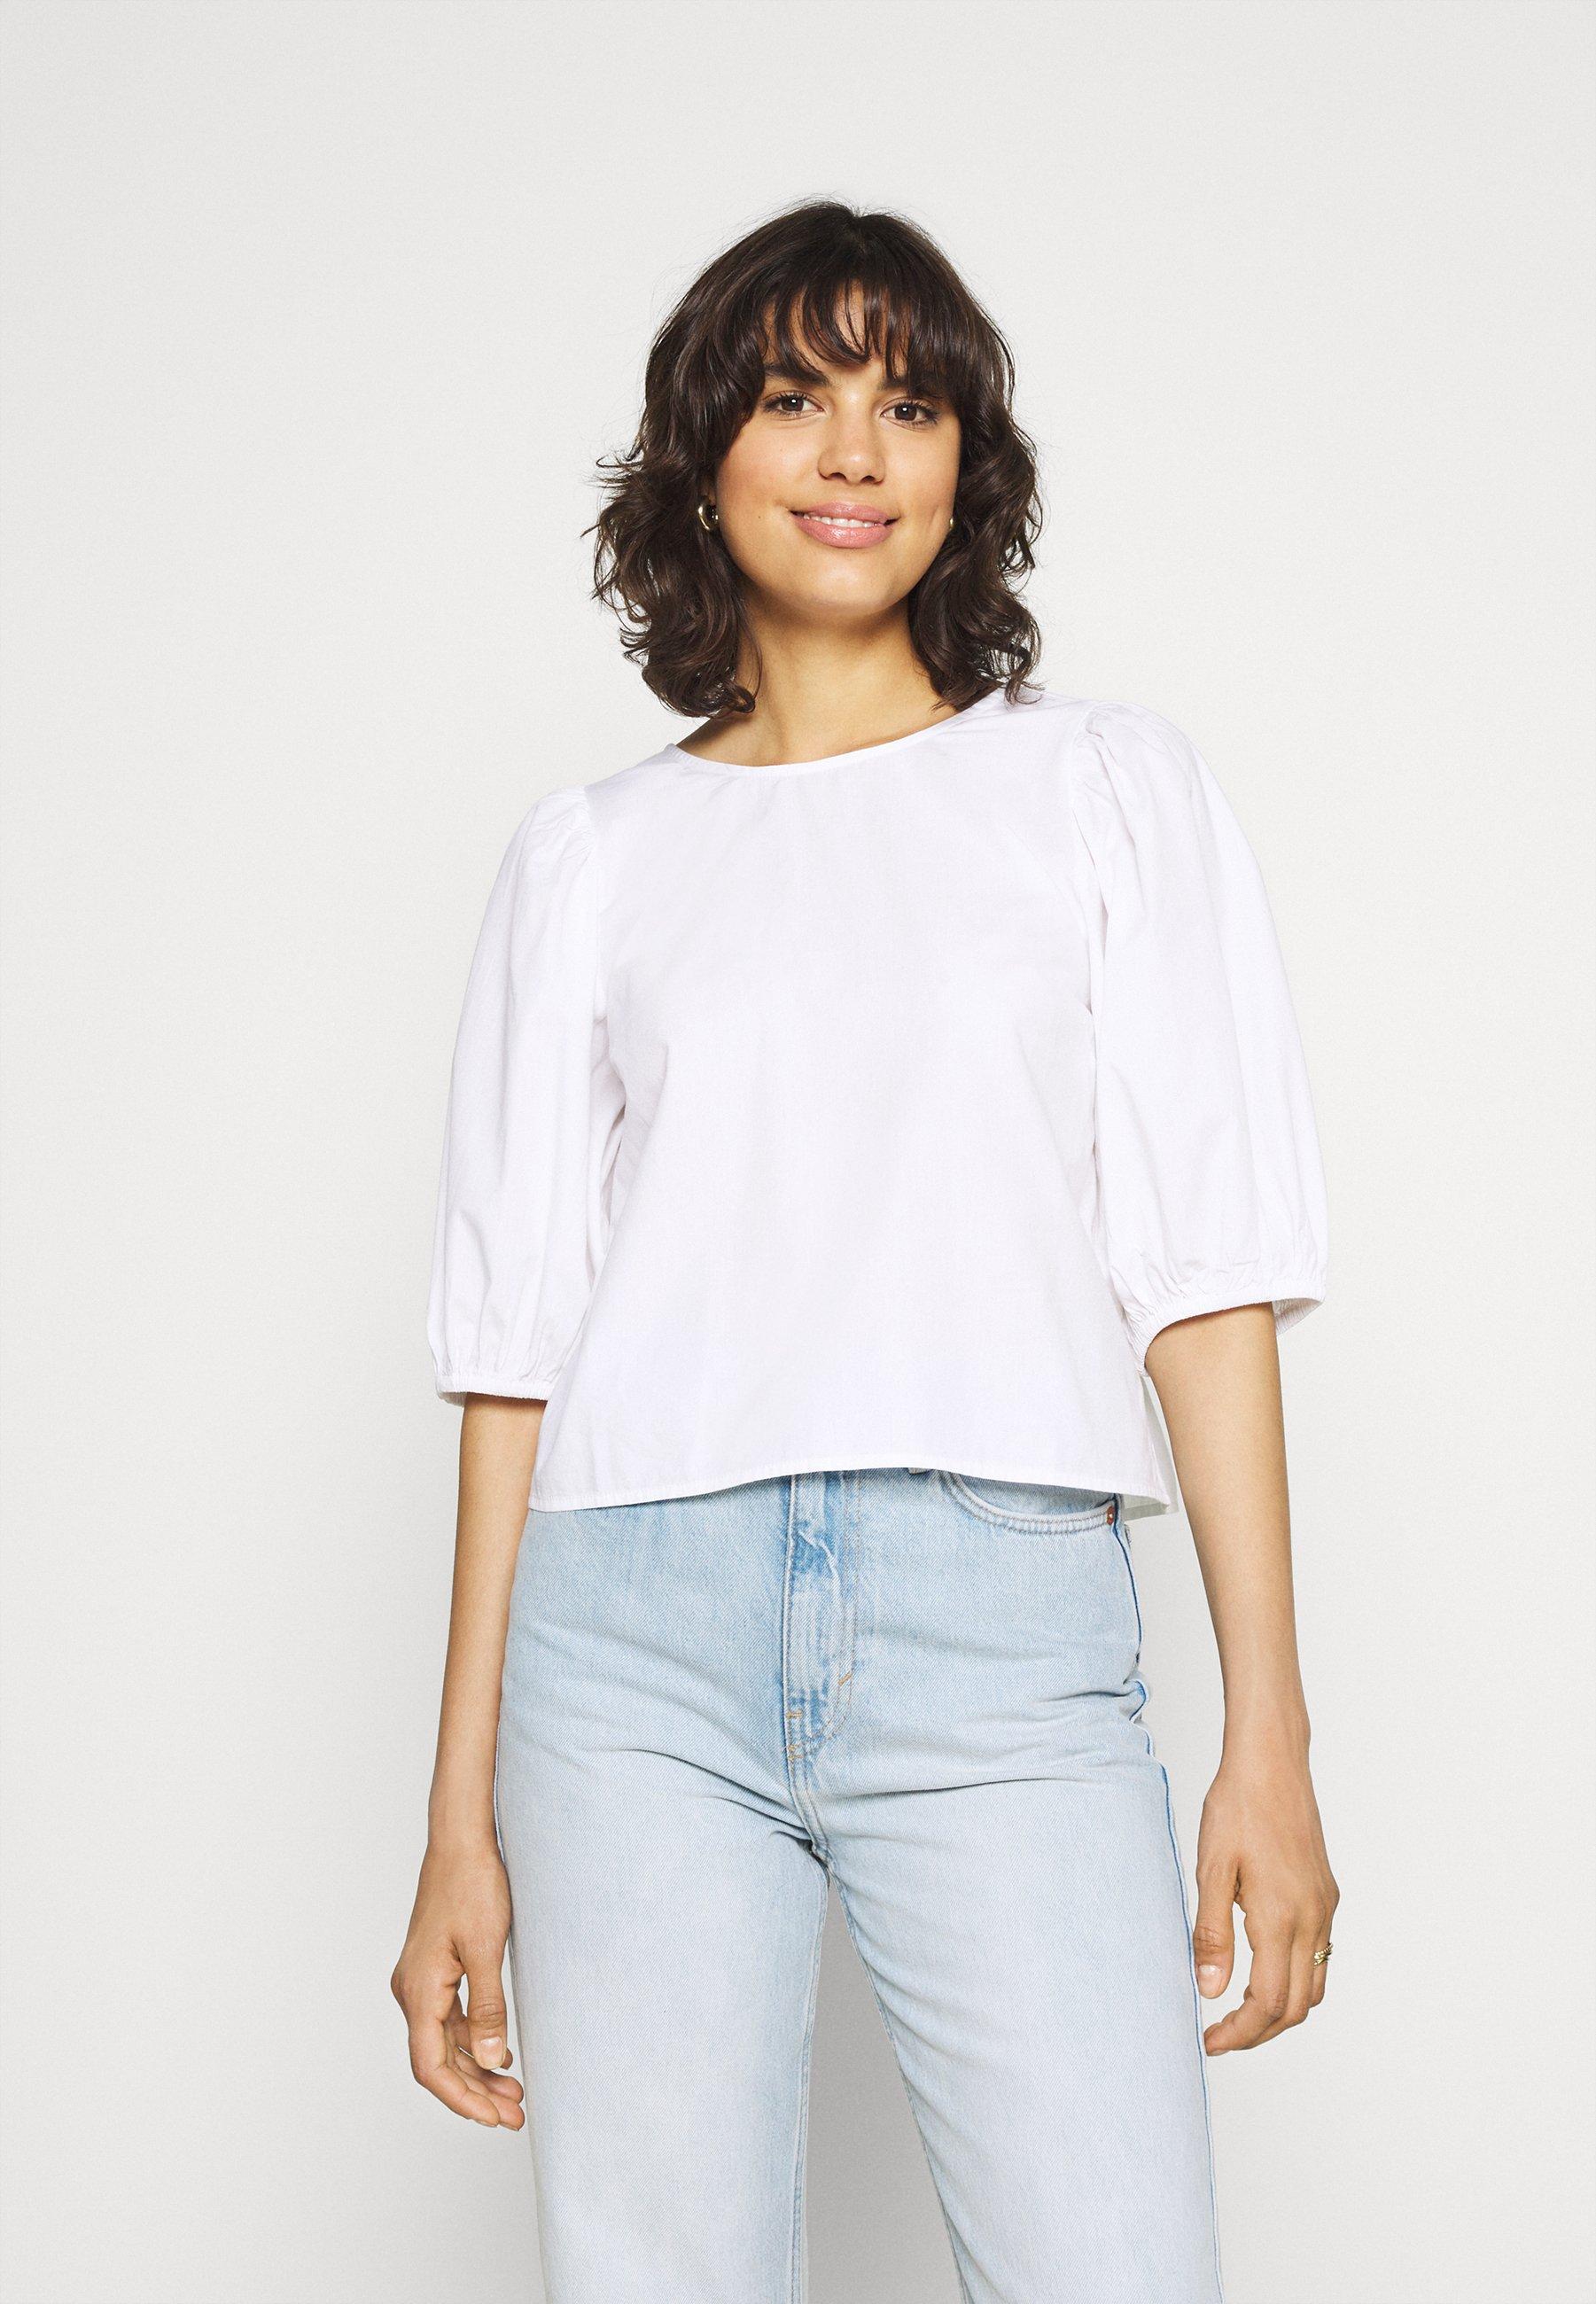 Femme SARA OPEN BACK BLOUSE - T-shirt imprimé - white